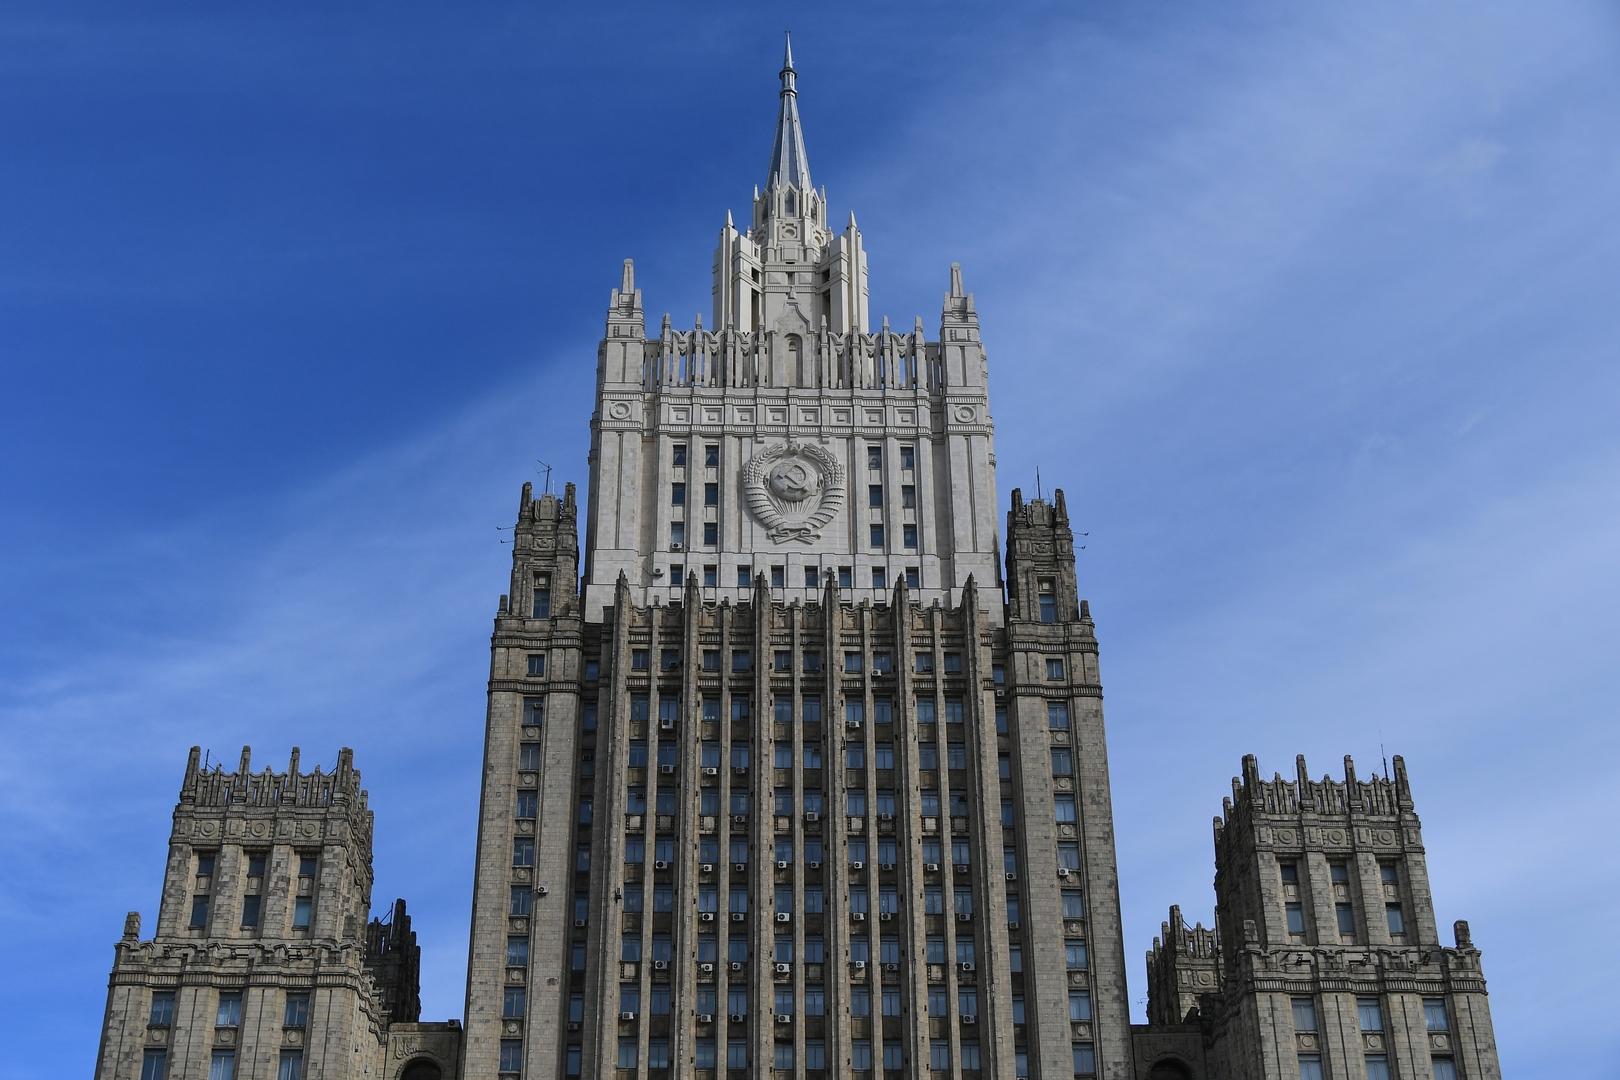 الخارجية الروسية تخاطب ترامب بشأن مقترح بوتين حول إيران متجاوزة بومبيو